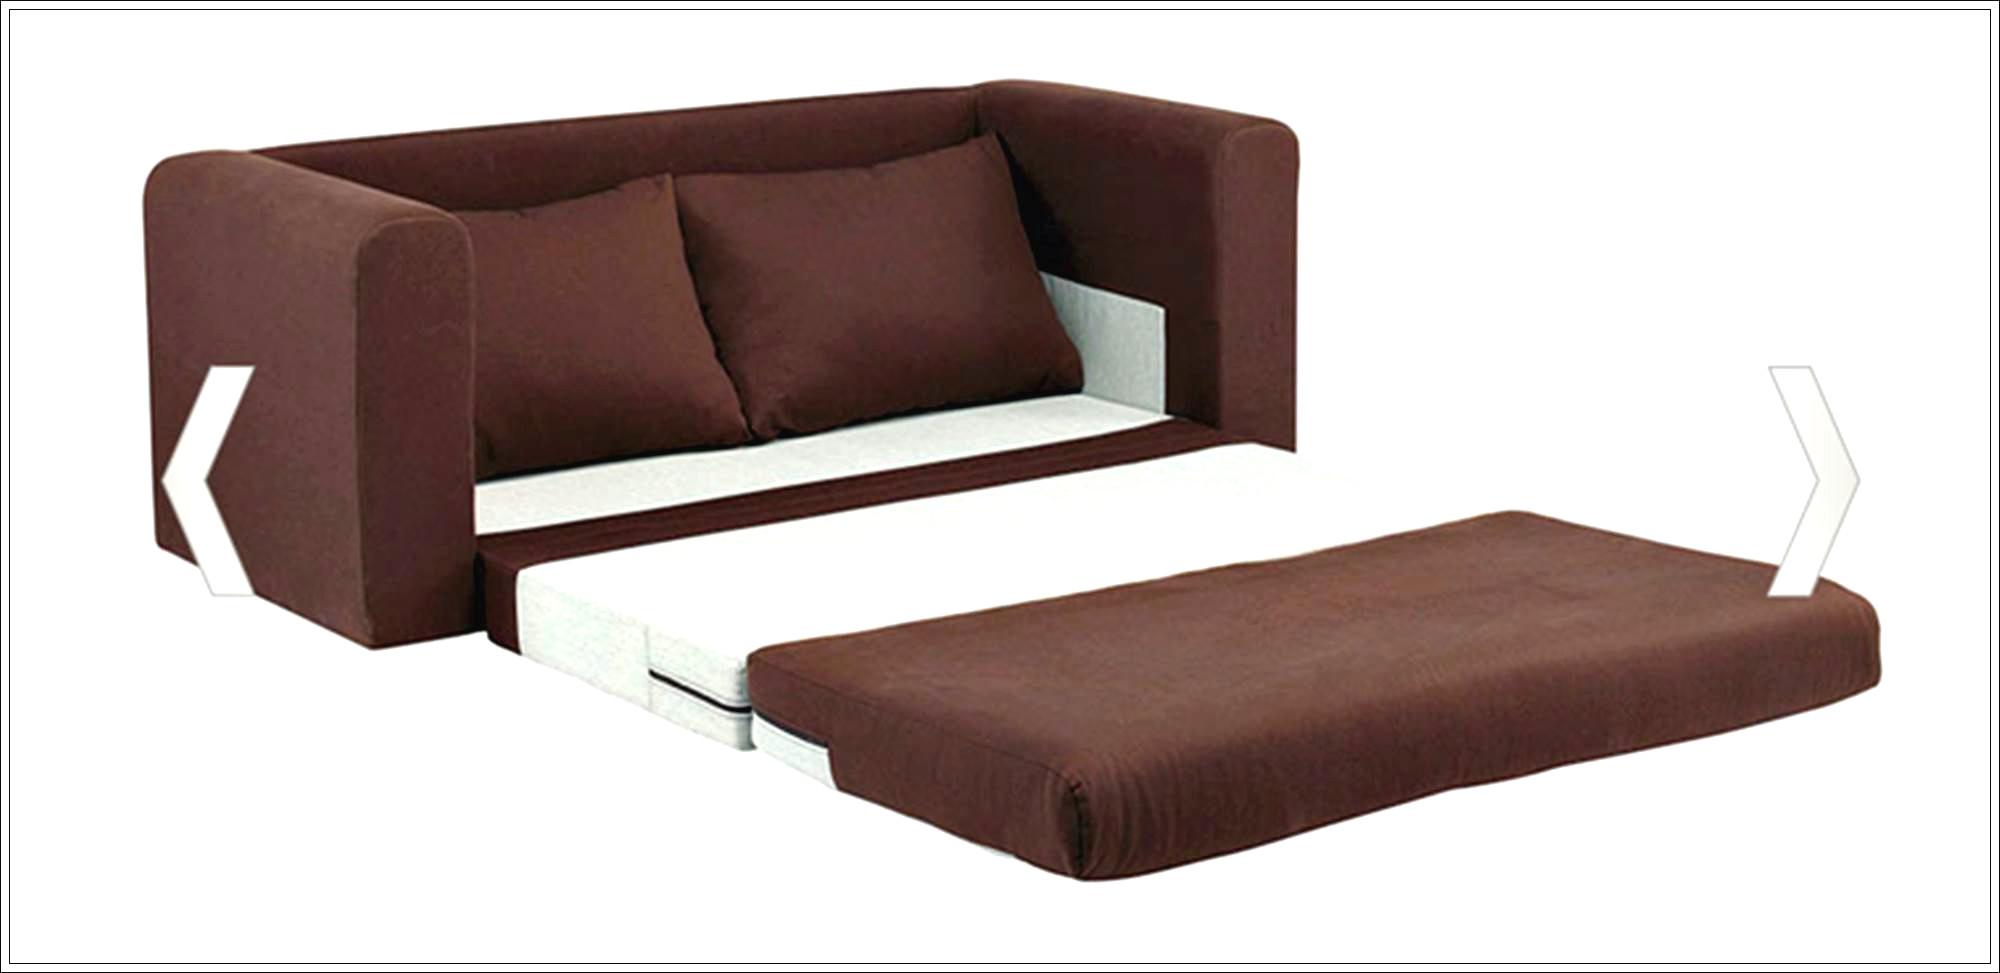 But Canapé Julia Nouveau Stock Canape Rouge Le Canapac La Couleur Chaleur Cuir Ikea 3 Places Avec